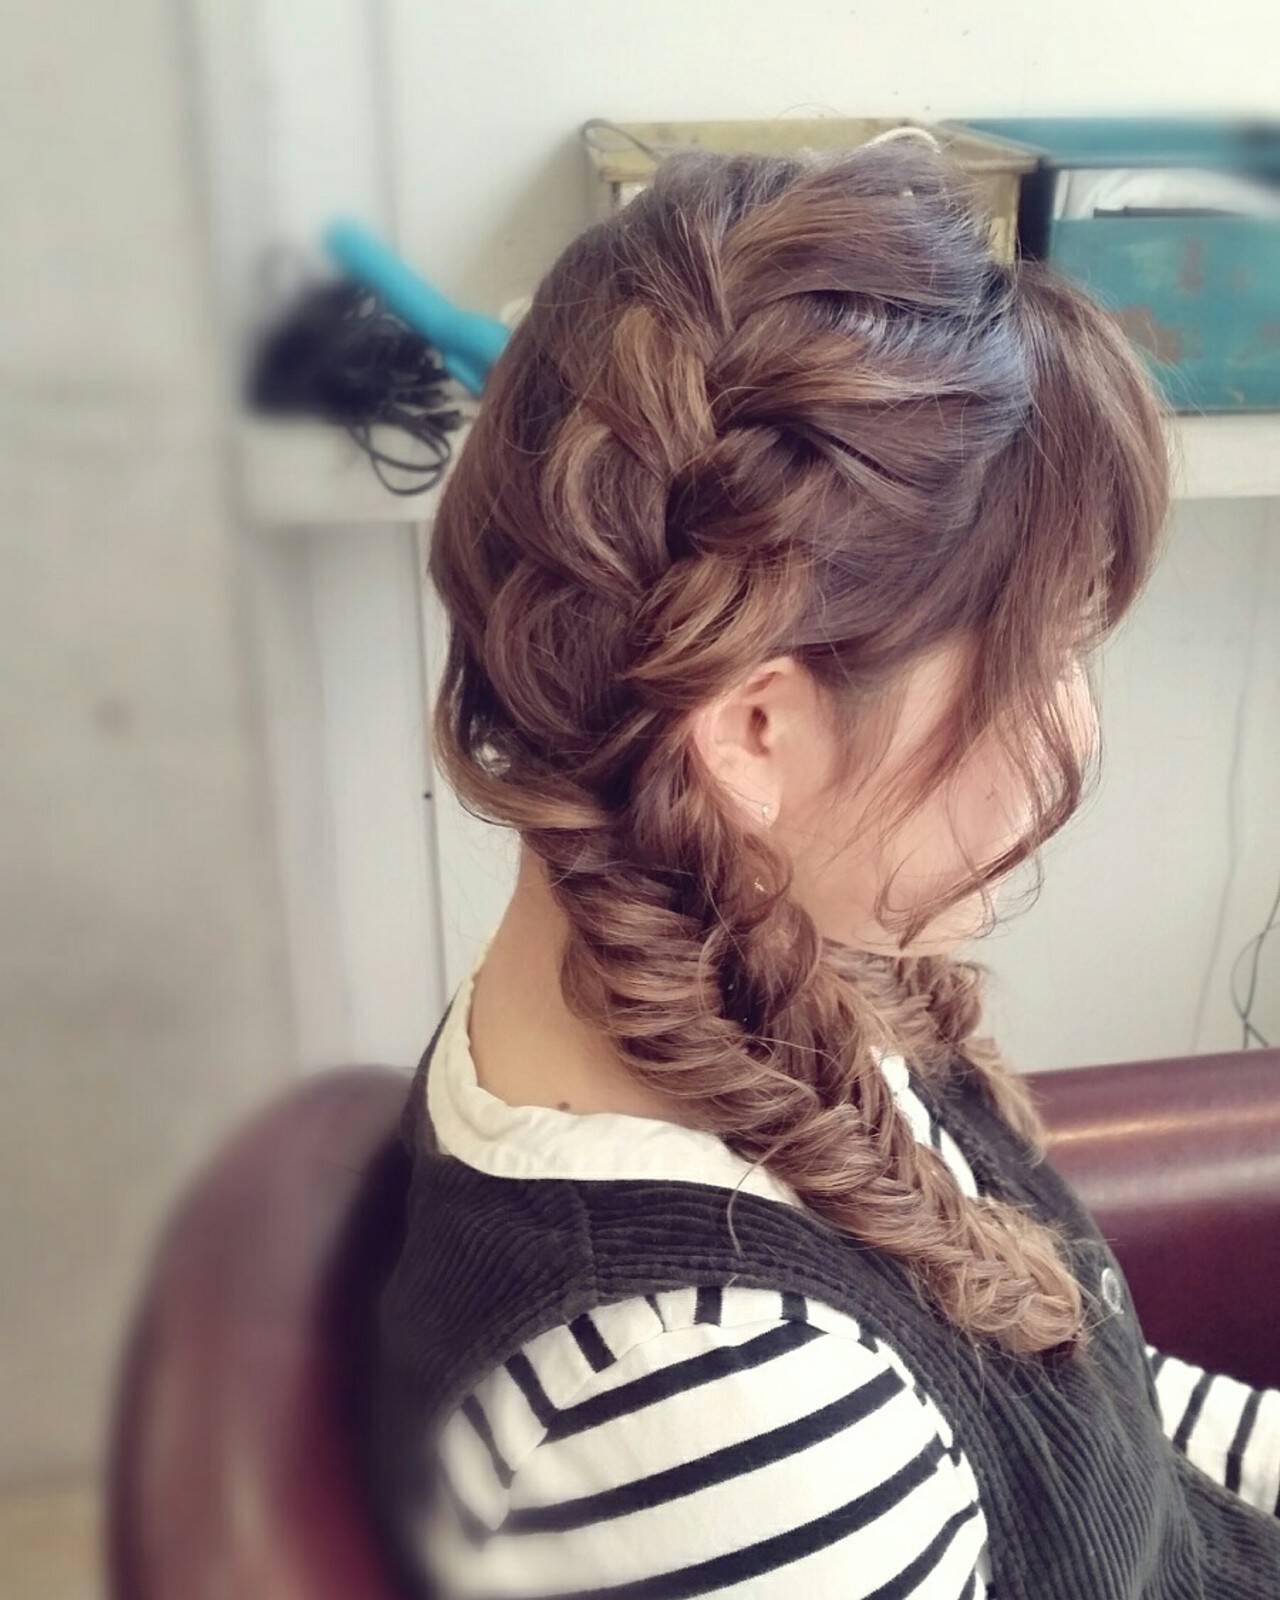 ショート ハーフアップ 簡単ヘアアレンジ 編み込みヘアスタイルや髪型の写真・画像